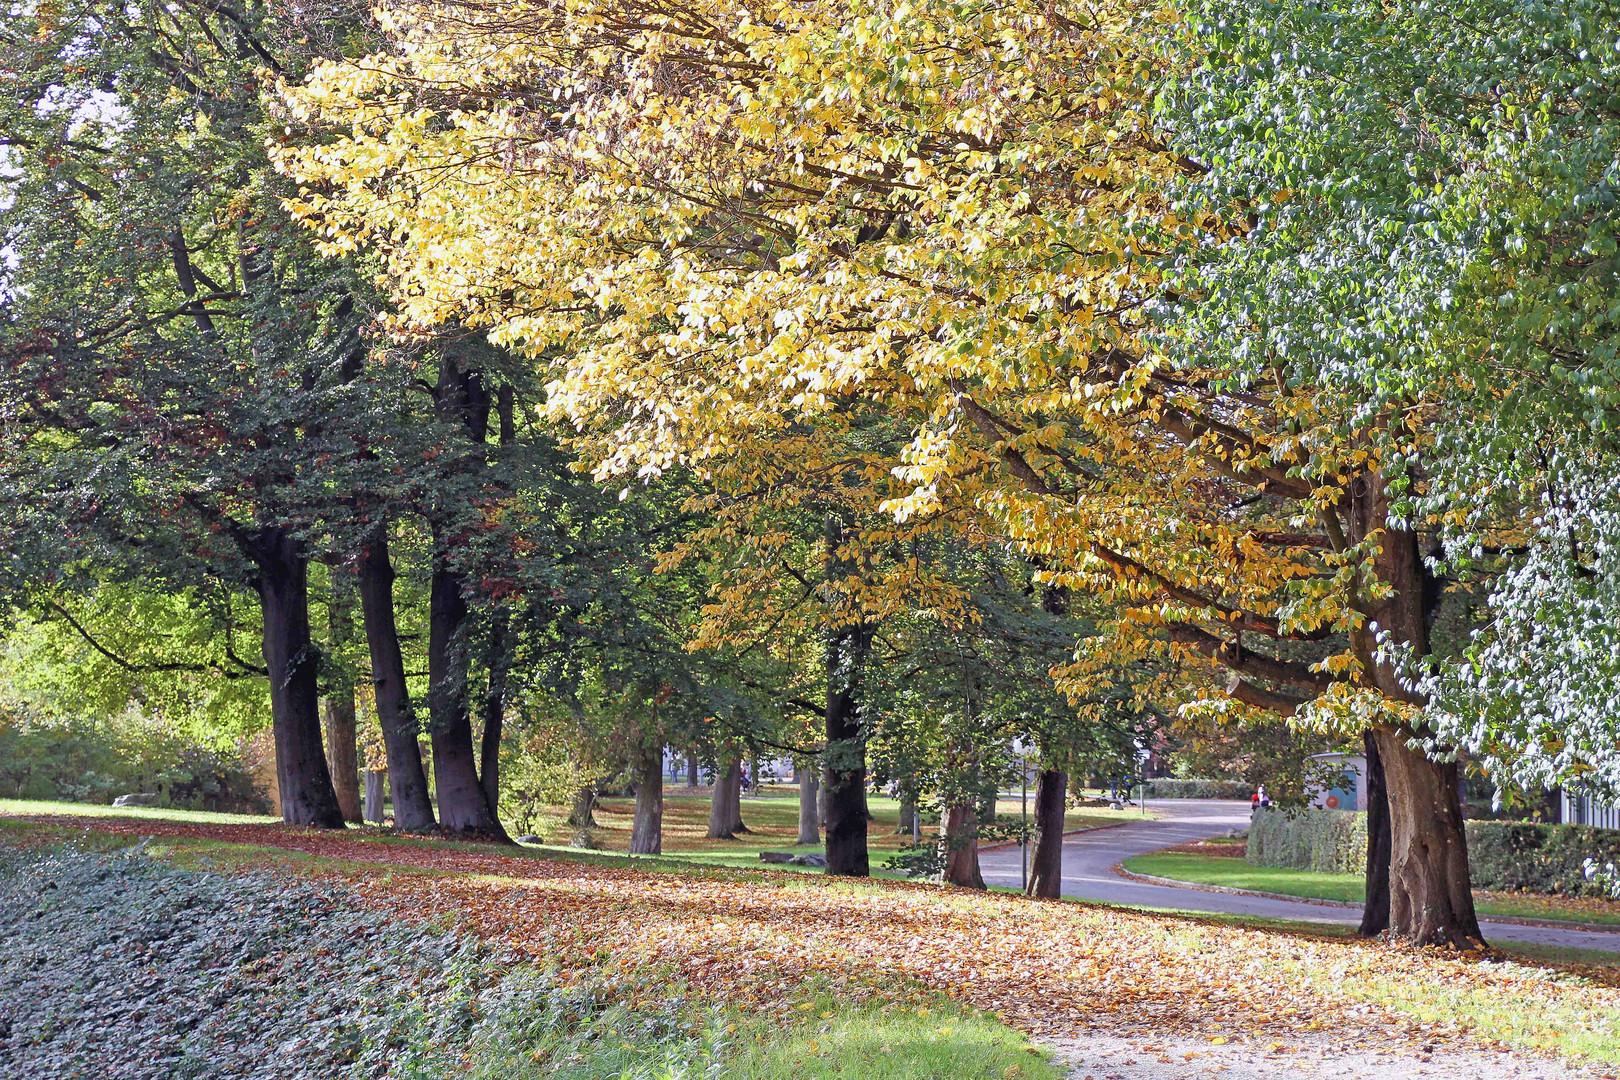 Herbststimmung in der Ulmer Friedrichsau